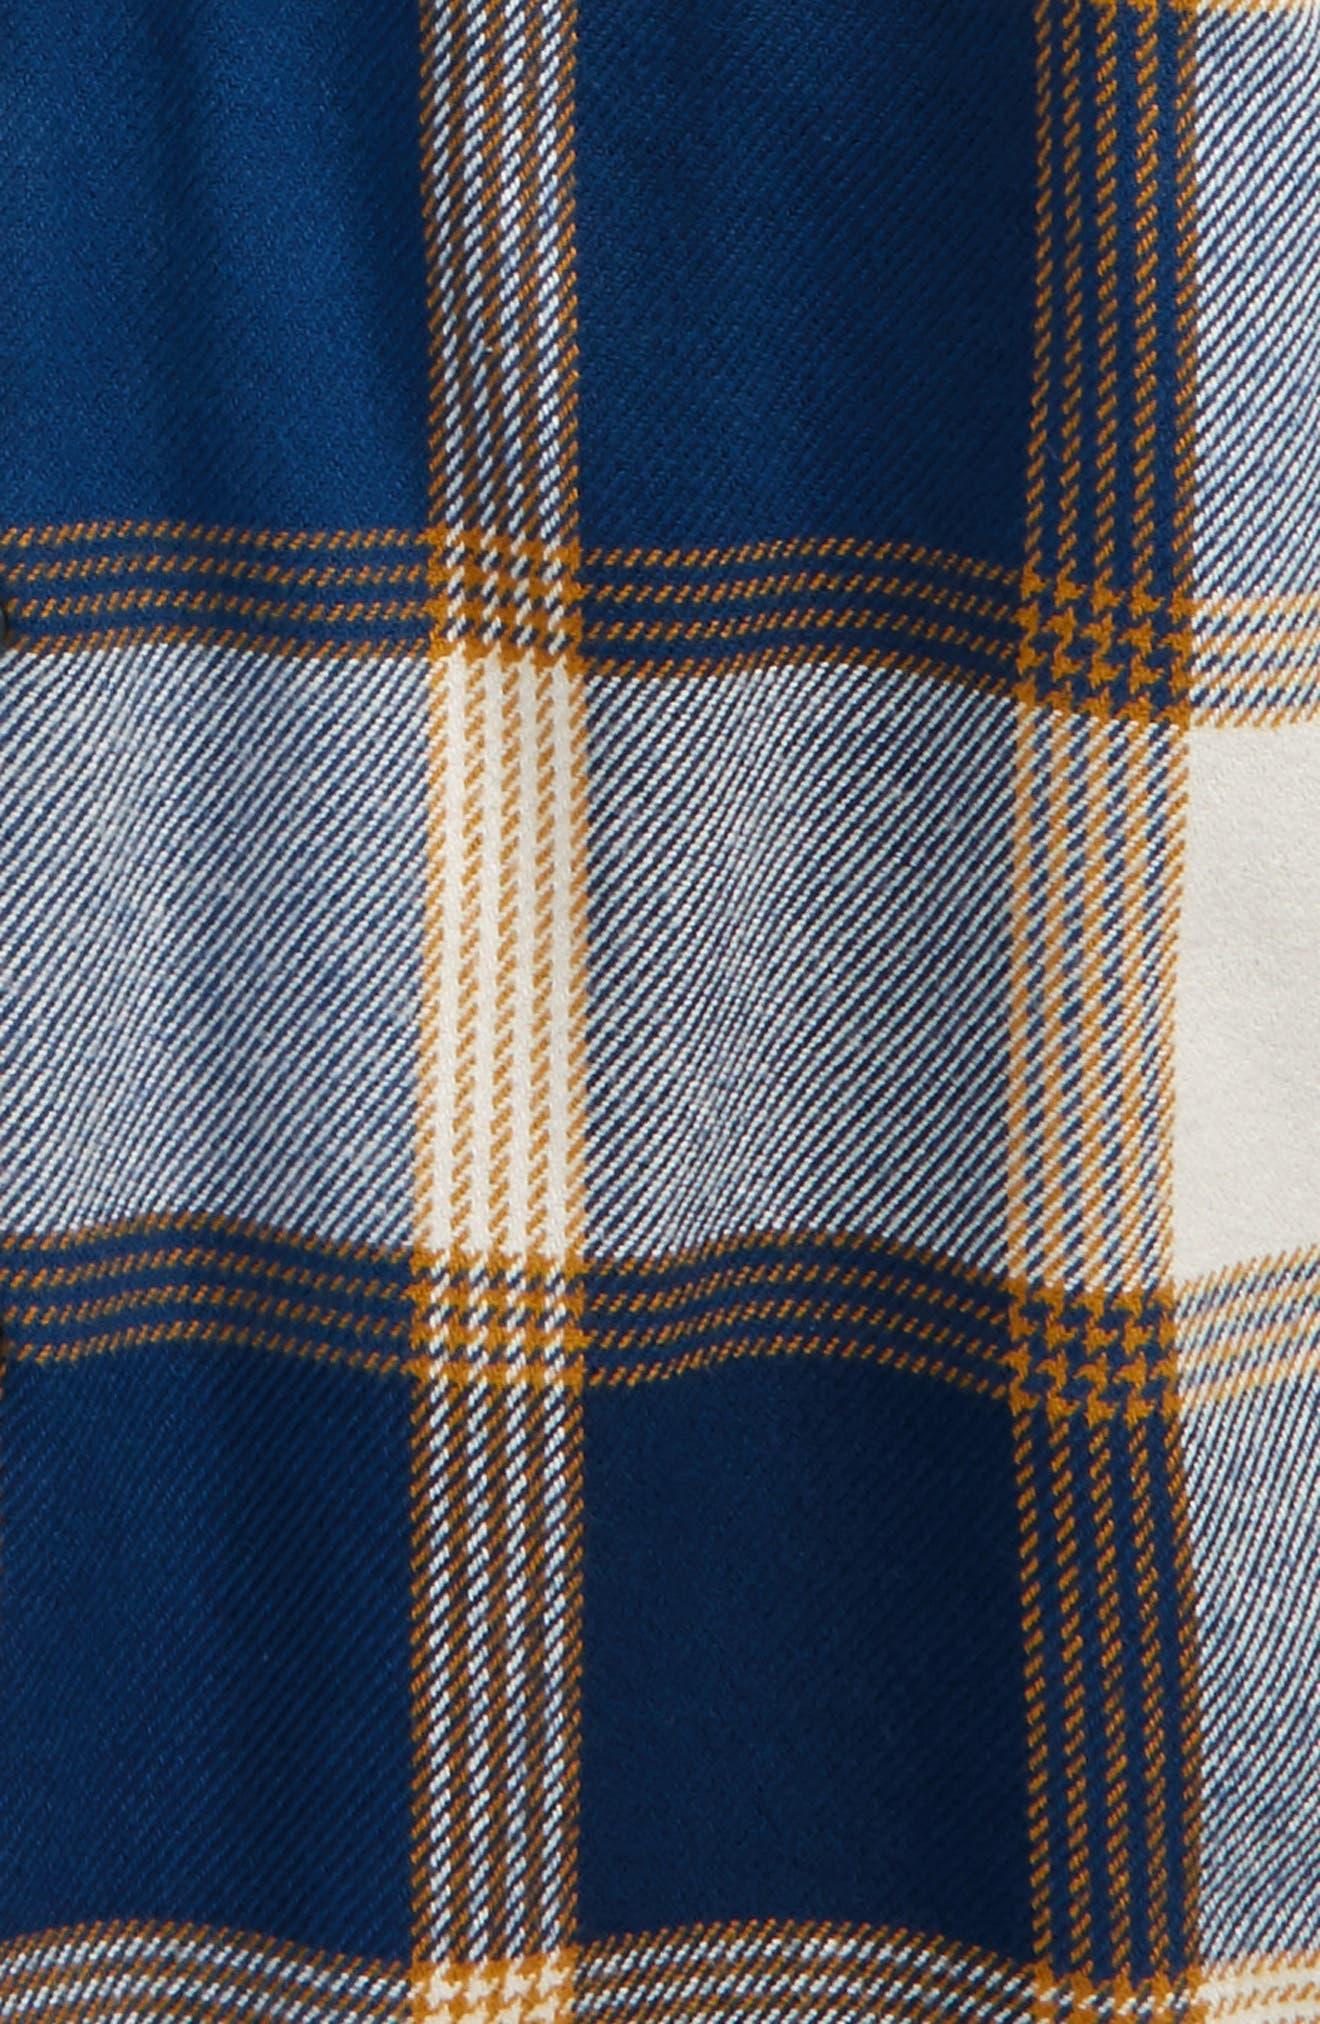 Heavy Daze Plaid Flannel Shirt Jacket,                             Alternate thumbnail 2, color,                             405